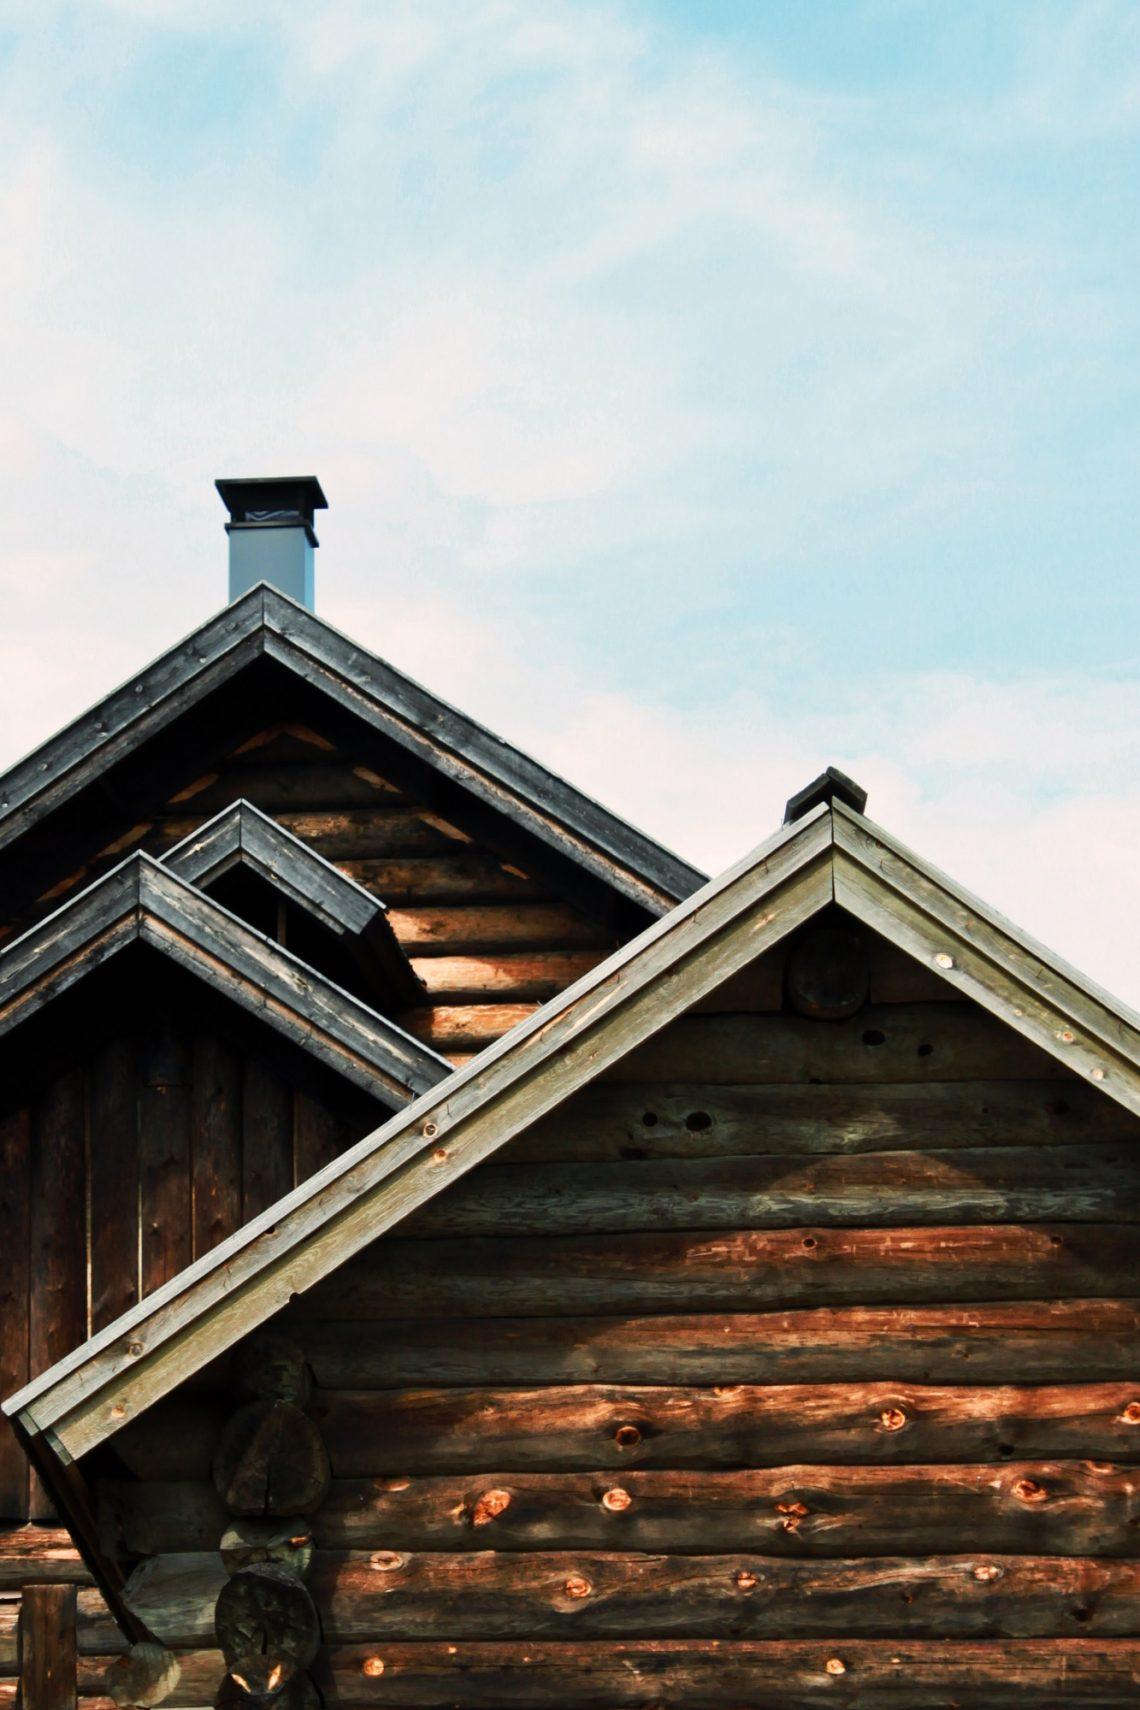 Kuvia Suomesta - Valokuvaaja Joona Kotilainen - Hirsitalot